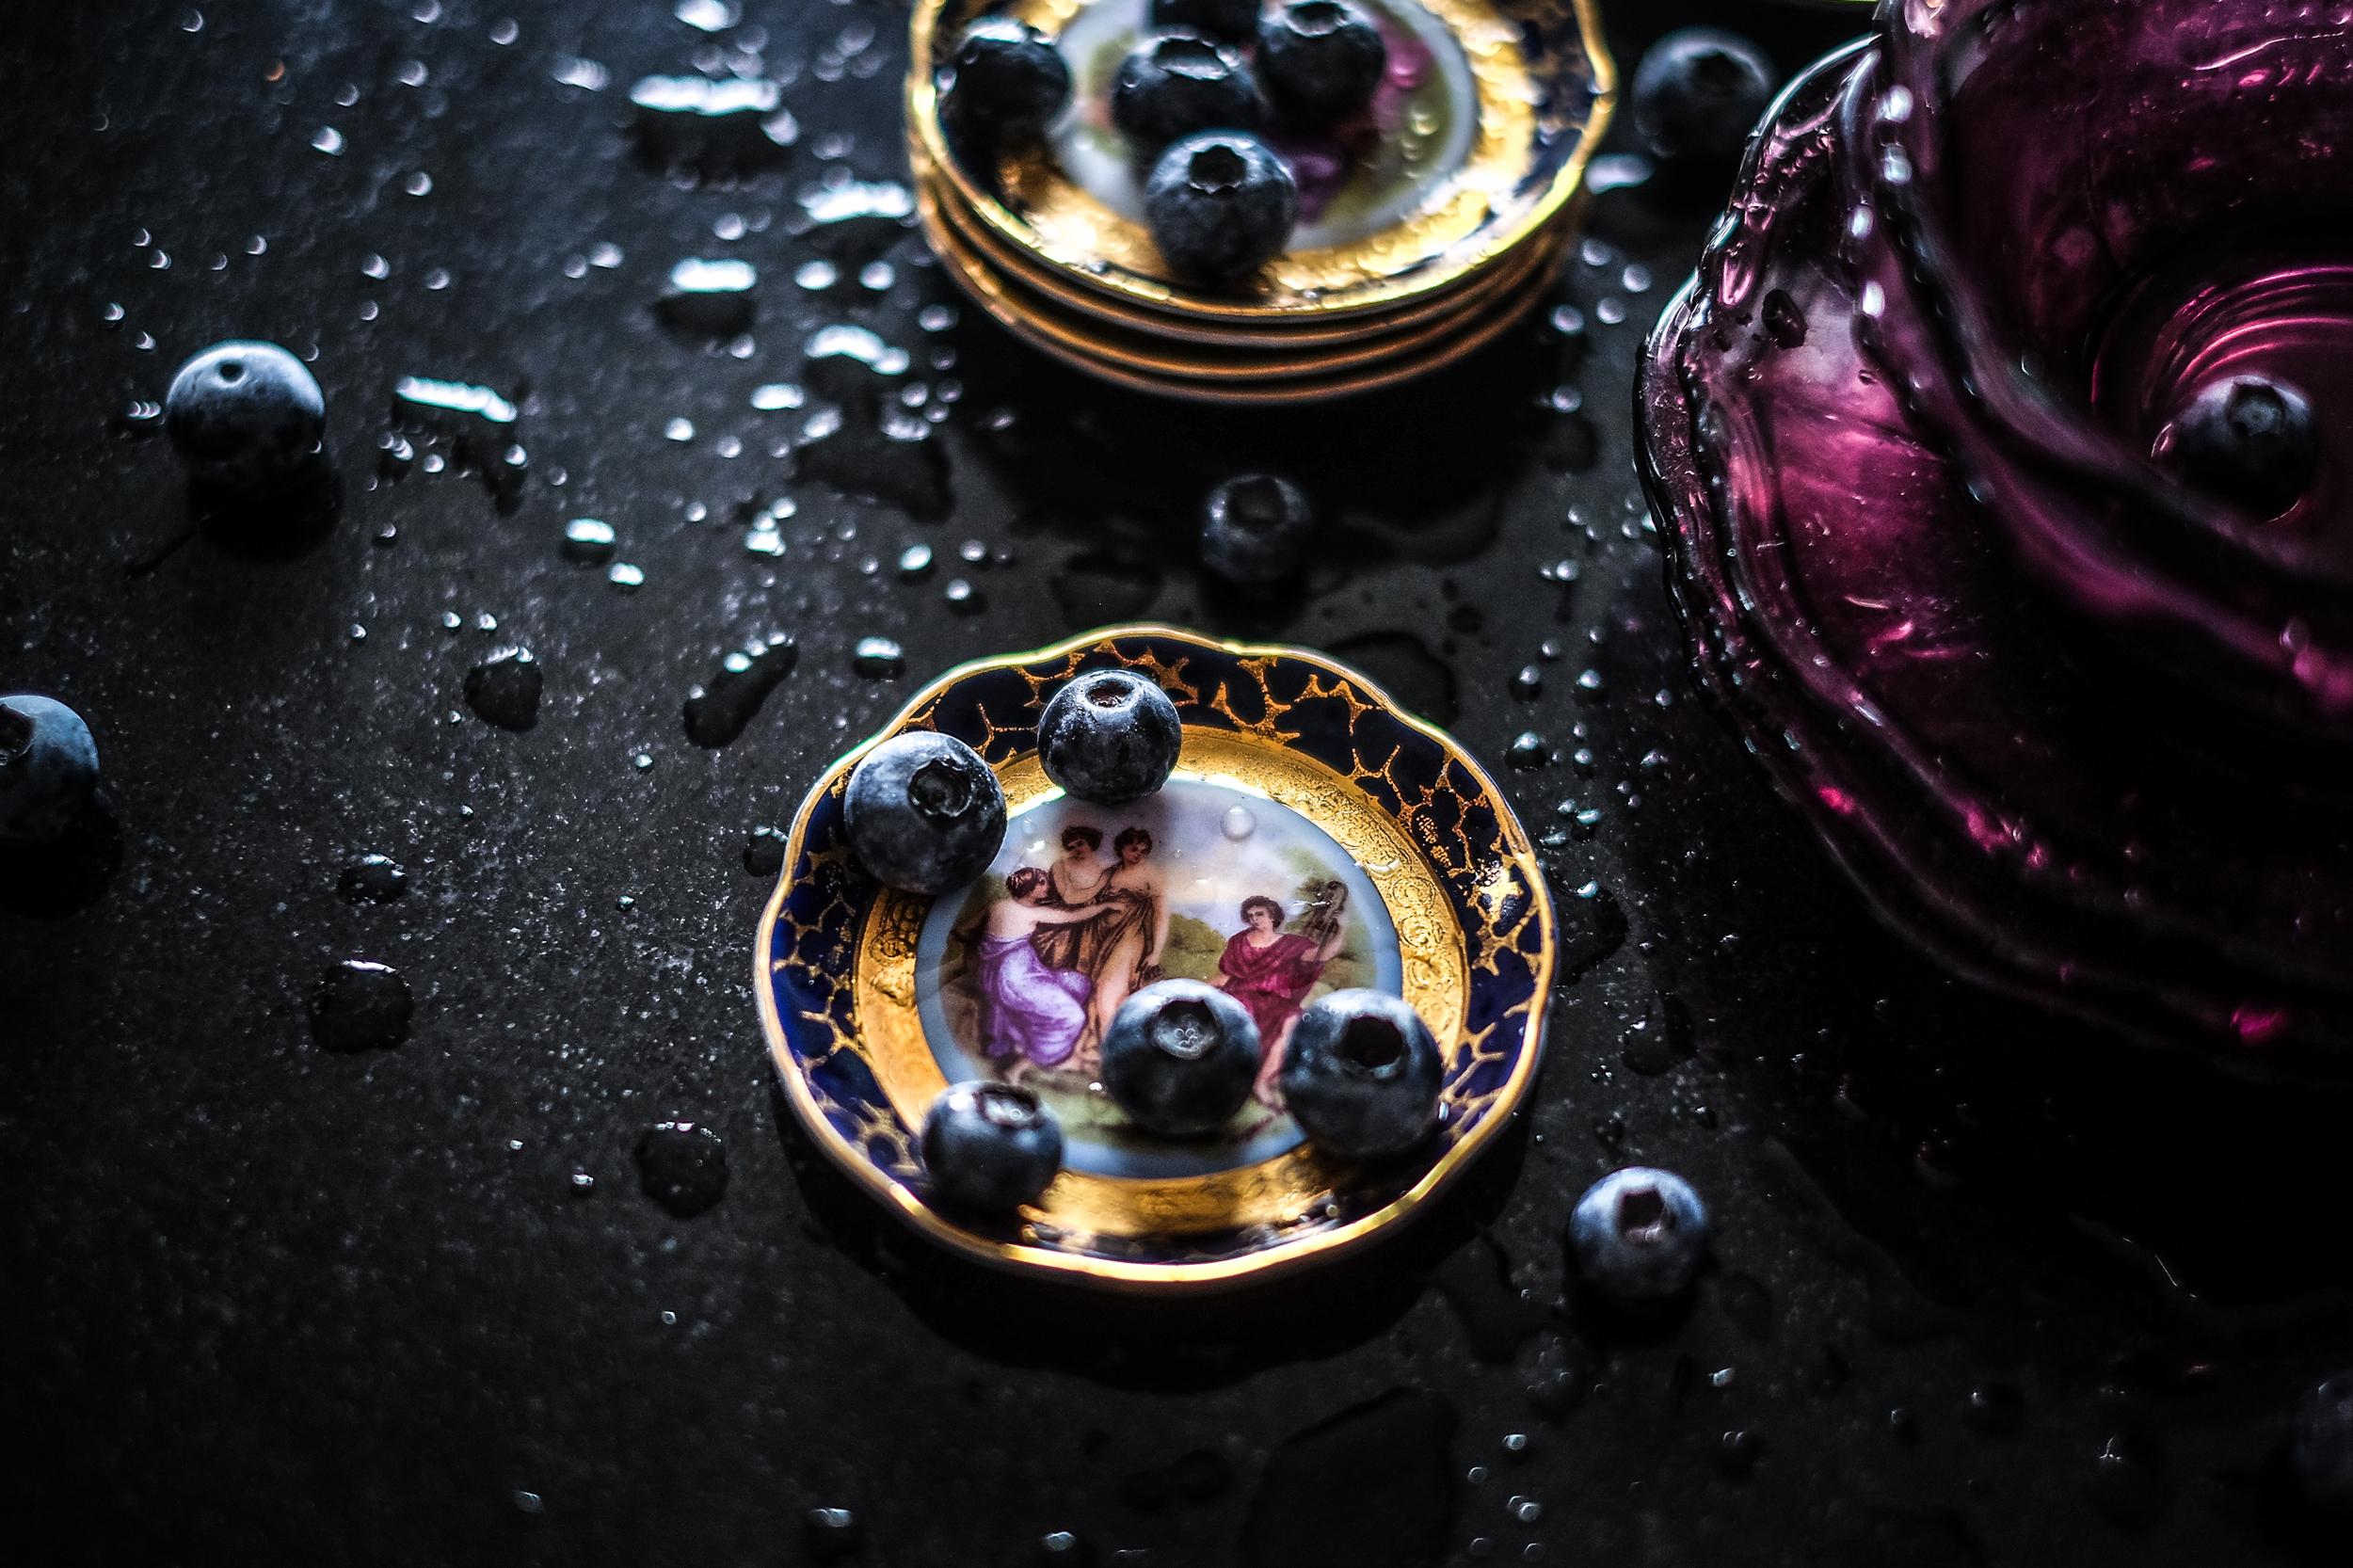 Bakini tanjurići, zdjelice & Rokove organske borovnice ... rustikalno meets moderno